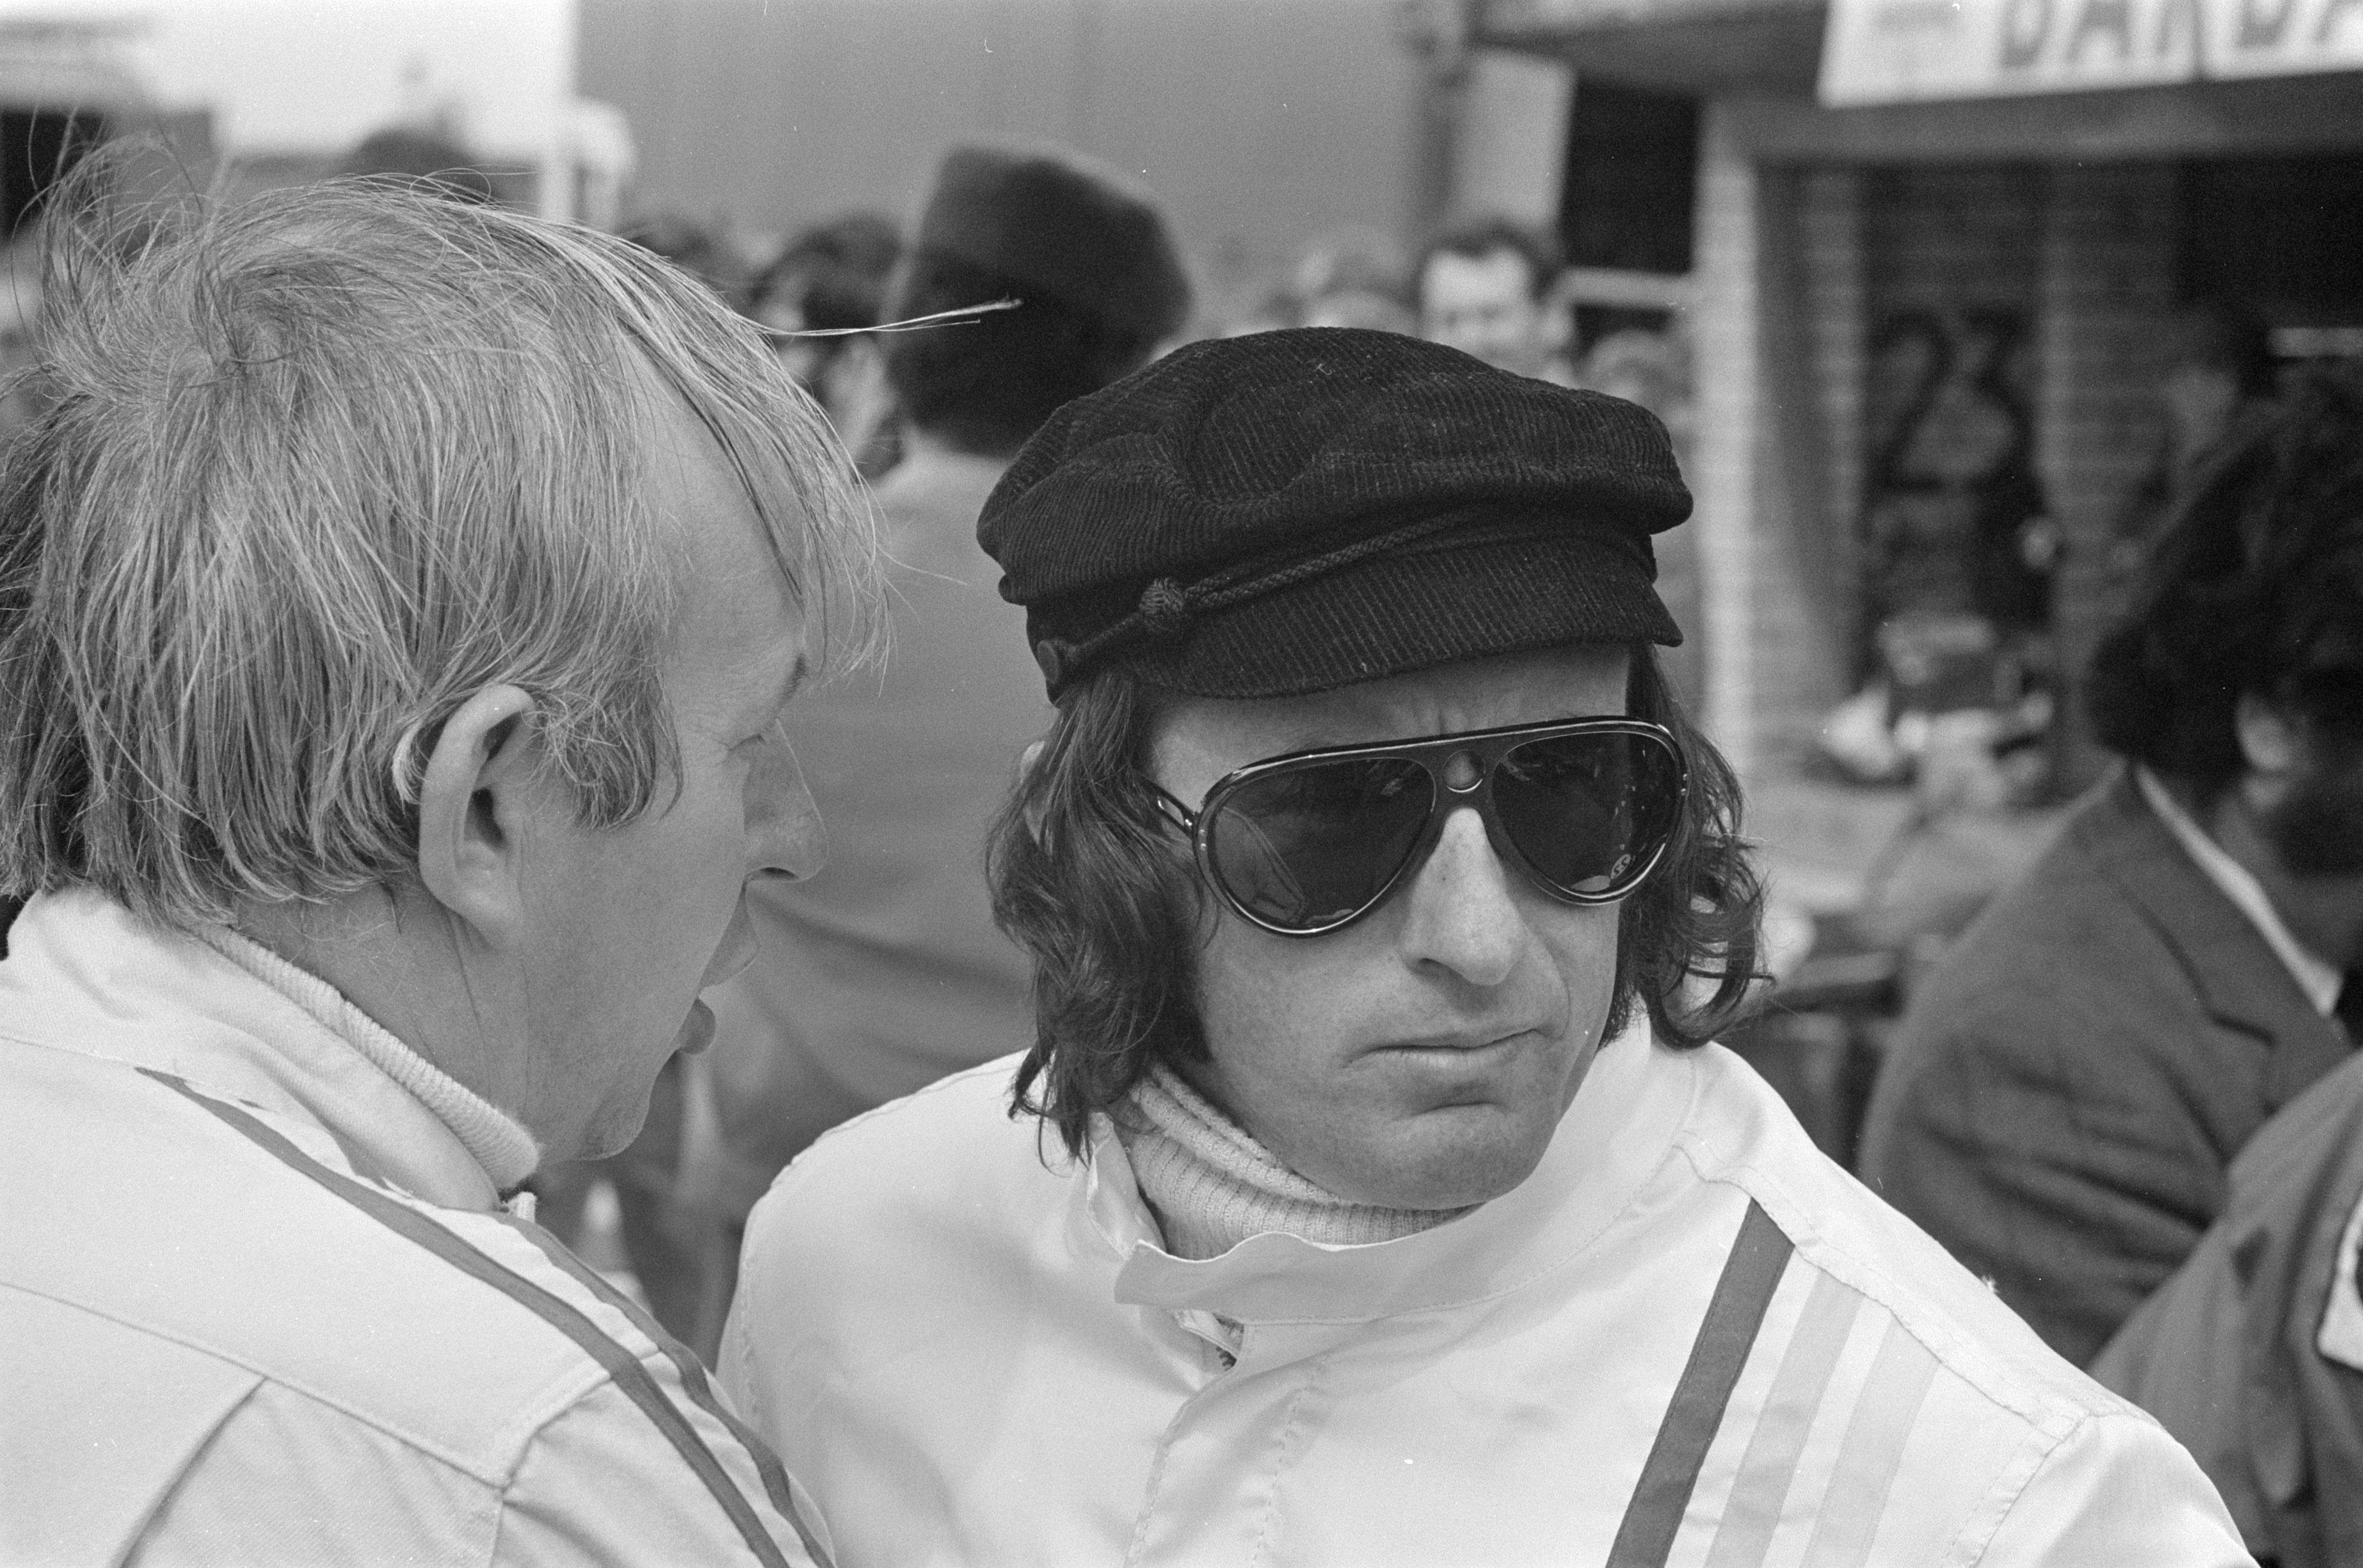 Stewart fulgte datidens mote, og stilte med stort kinnskjegg og for sin tid langt hår på tidlig 70-tall. Det falt ikke i smak hos alle. Foto: Wikipedia